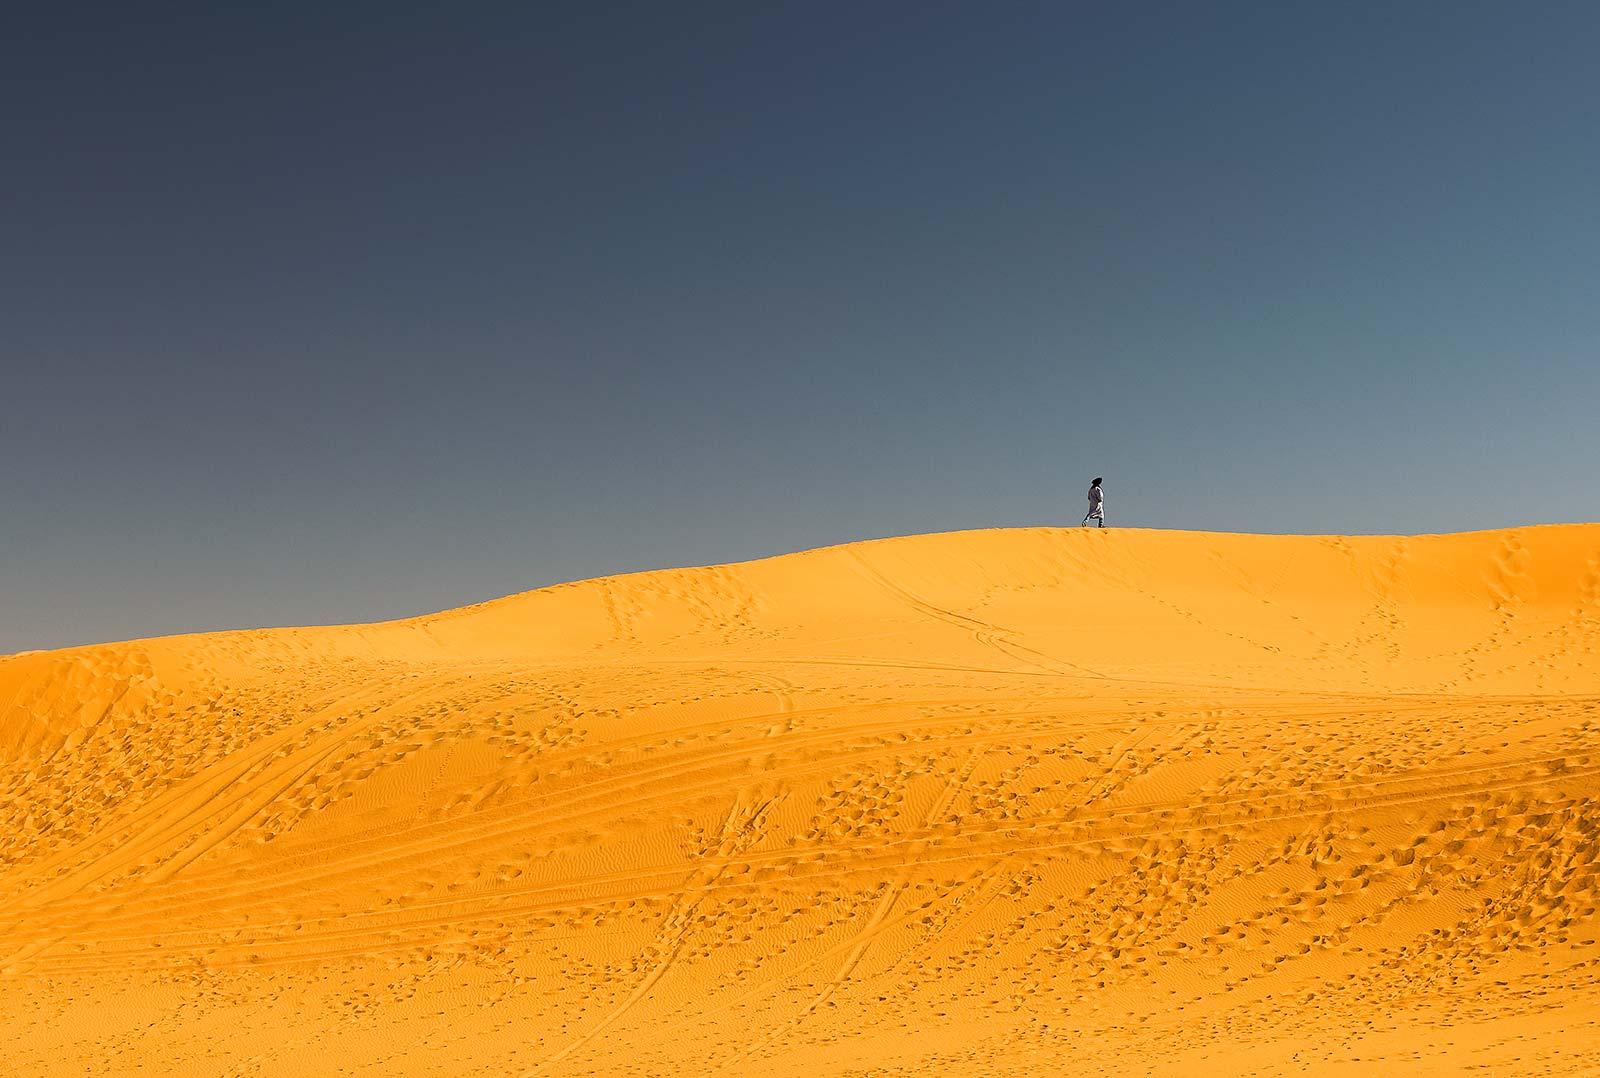 A berber walks along the sand dunes of Erg Chebbi.